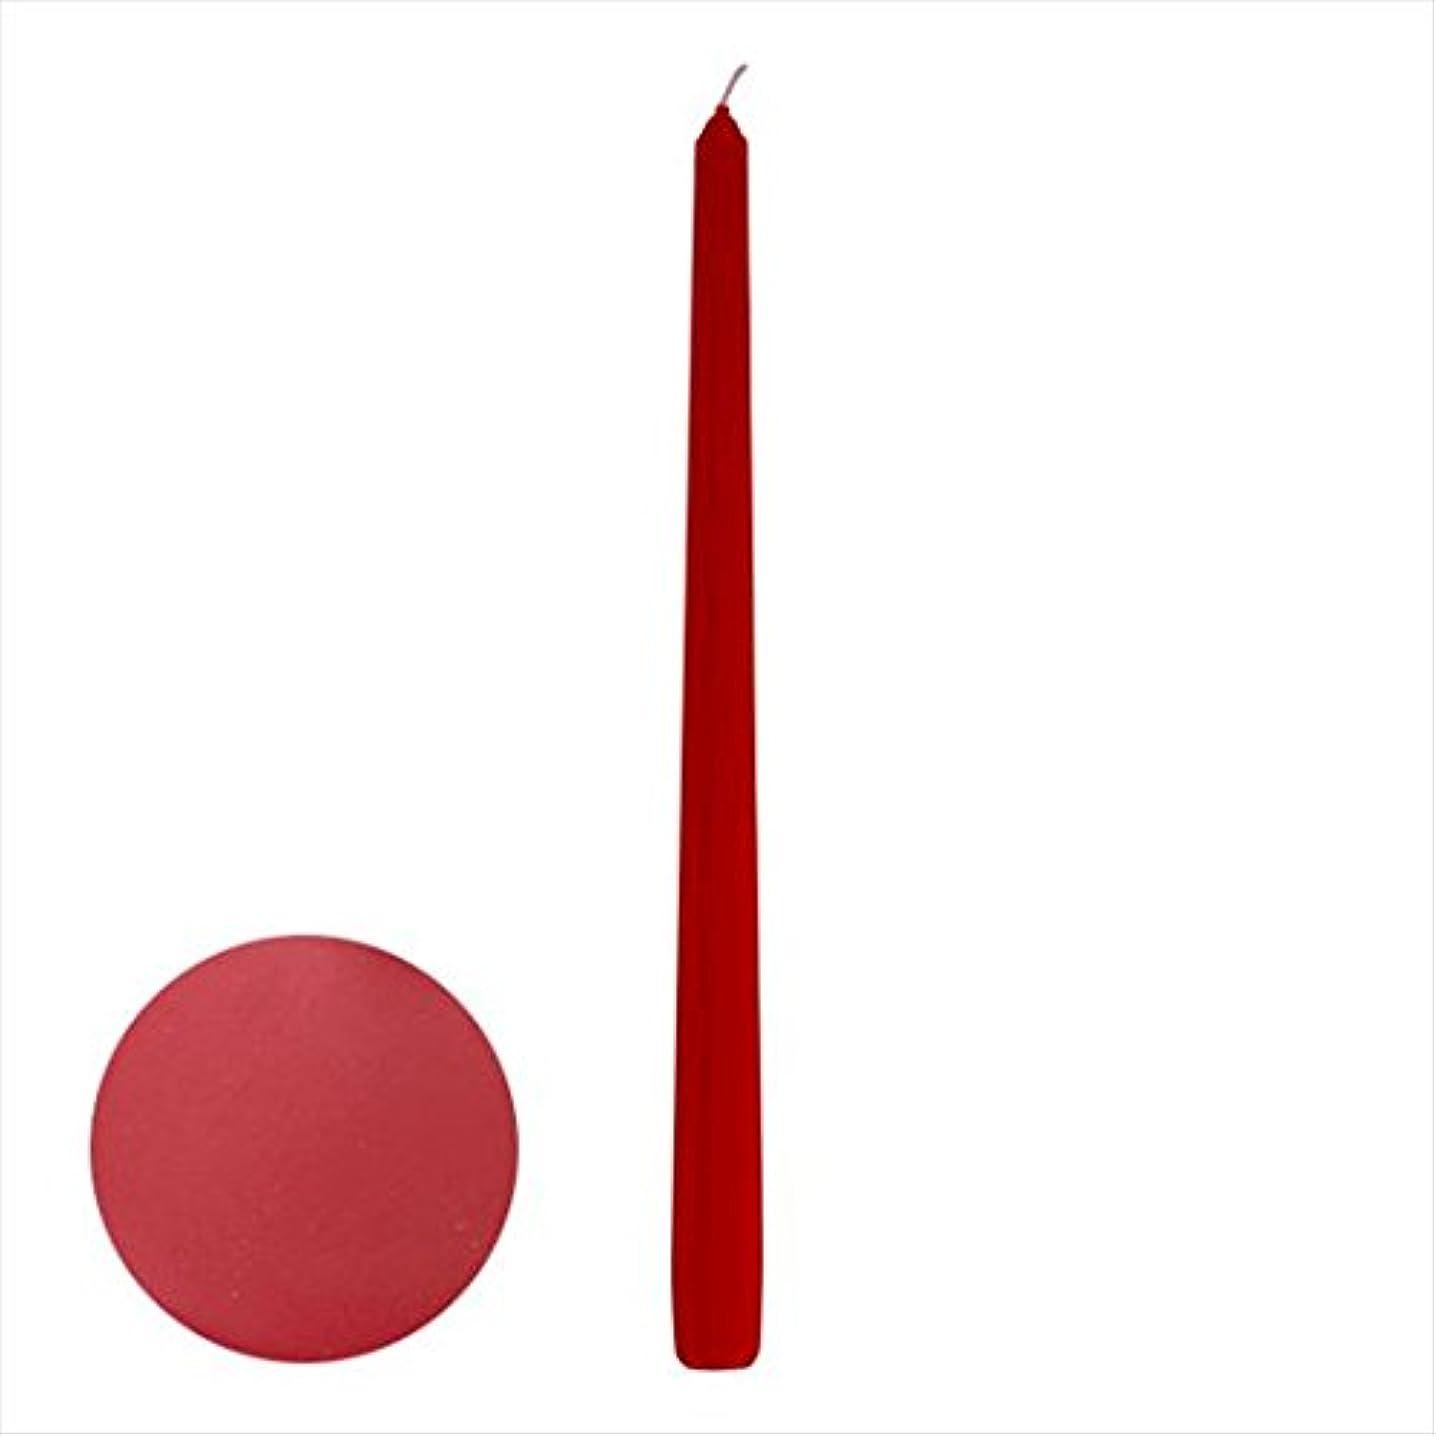 数字風が強い地域のカメヤマキャンドル(kameyama candle) 12インチテーパー 「 ダークレッド 」 12本入り